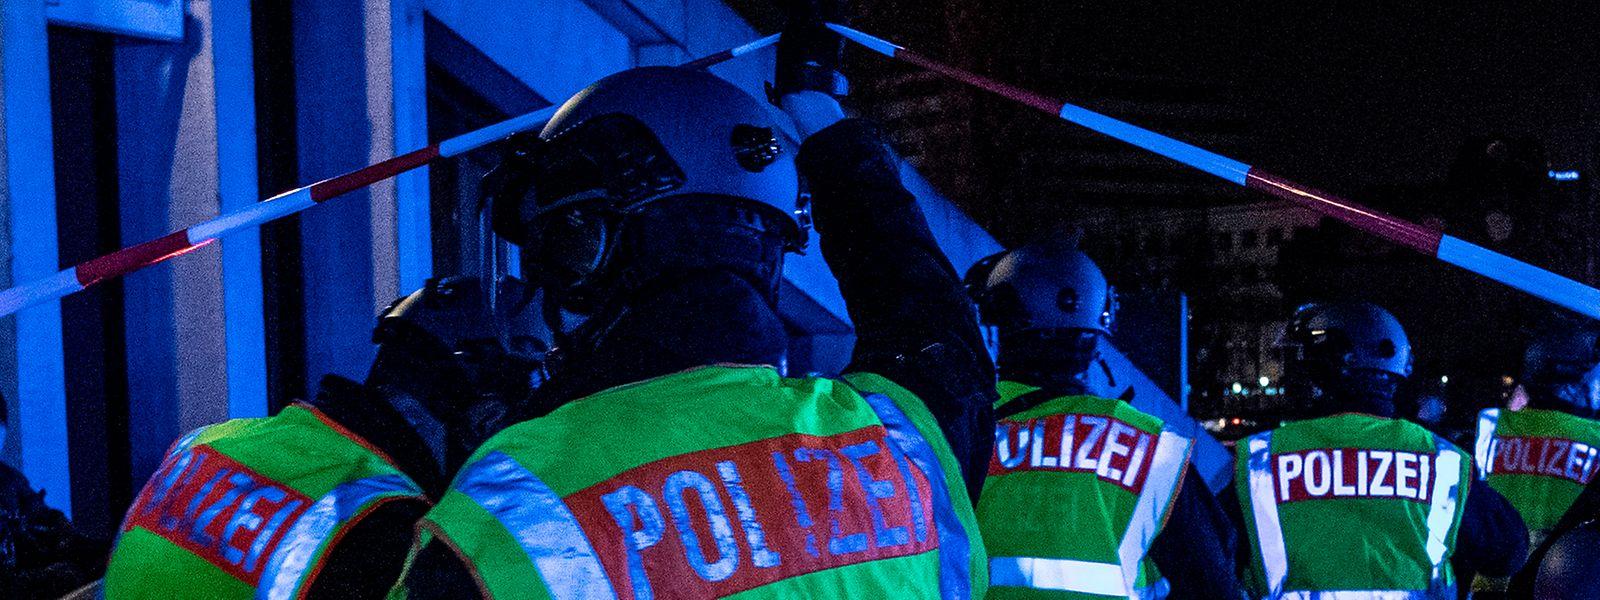 Einsatzkräfte der Polizei gehen zum Tatort am Tempodrom.